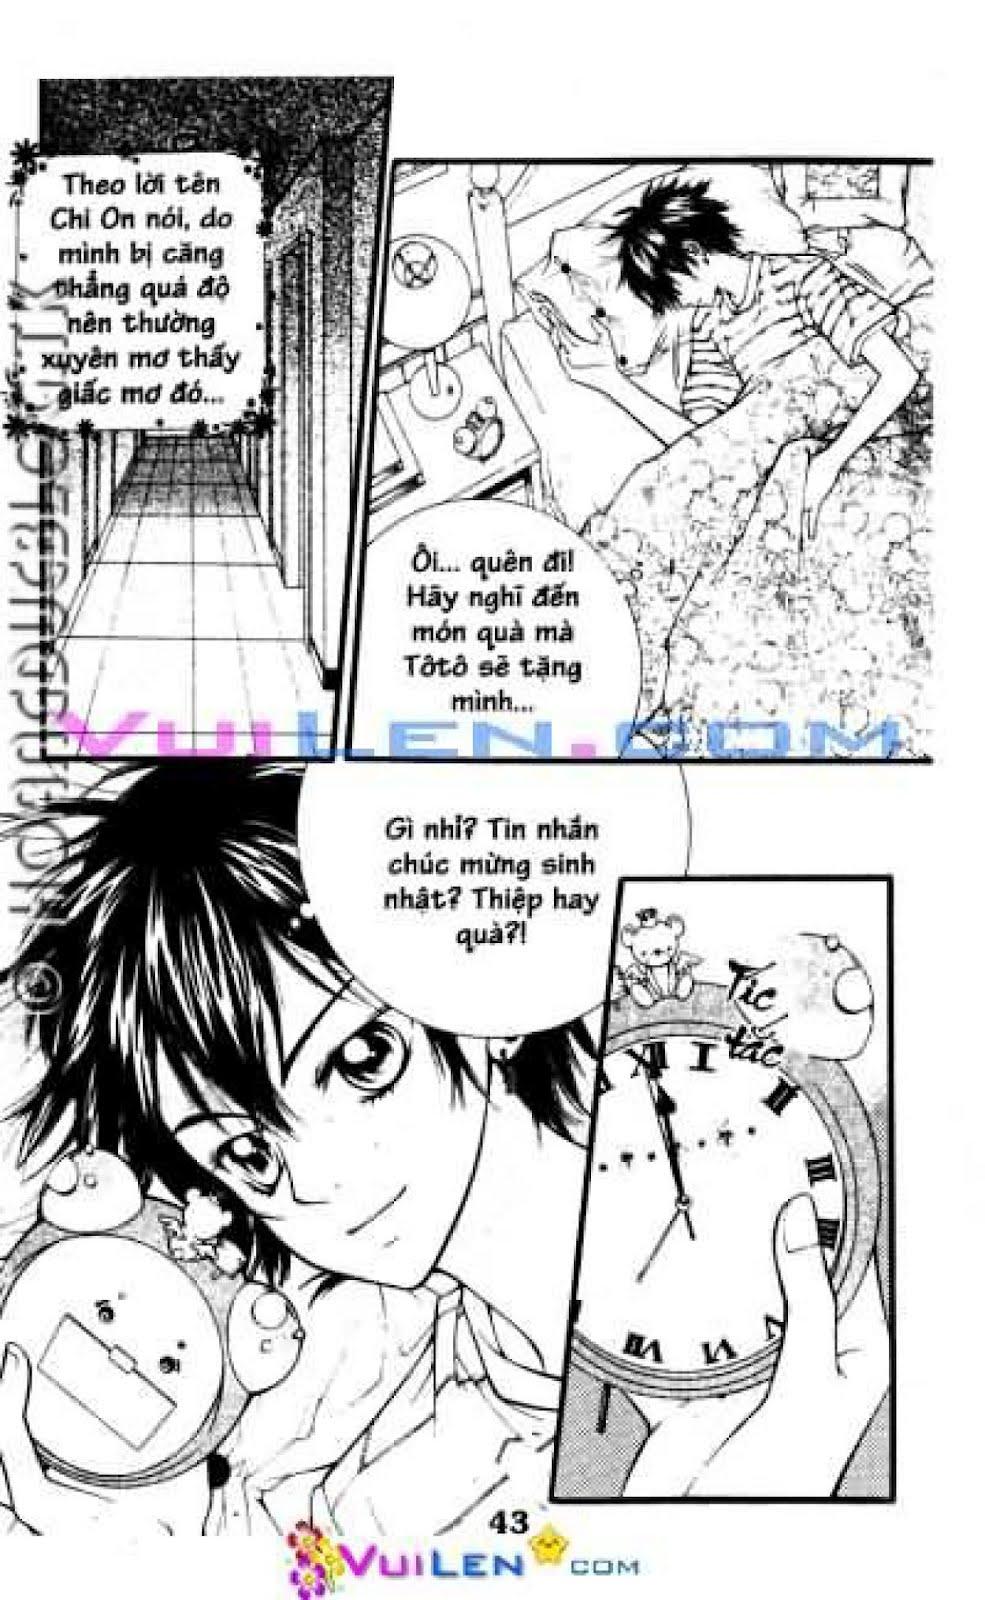 Cô dâu Heo - Pig Bride Chapter 1 - Trang 41